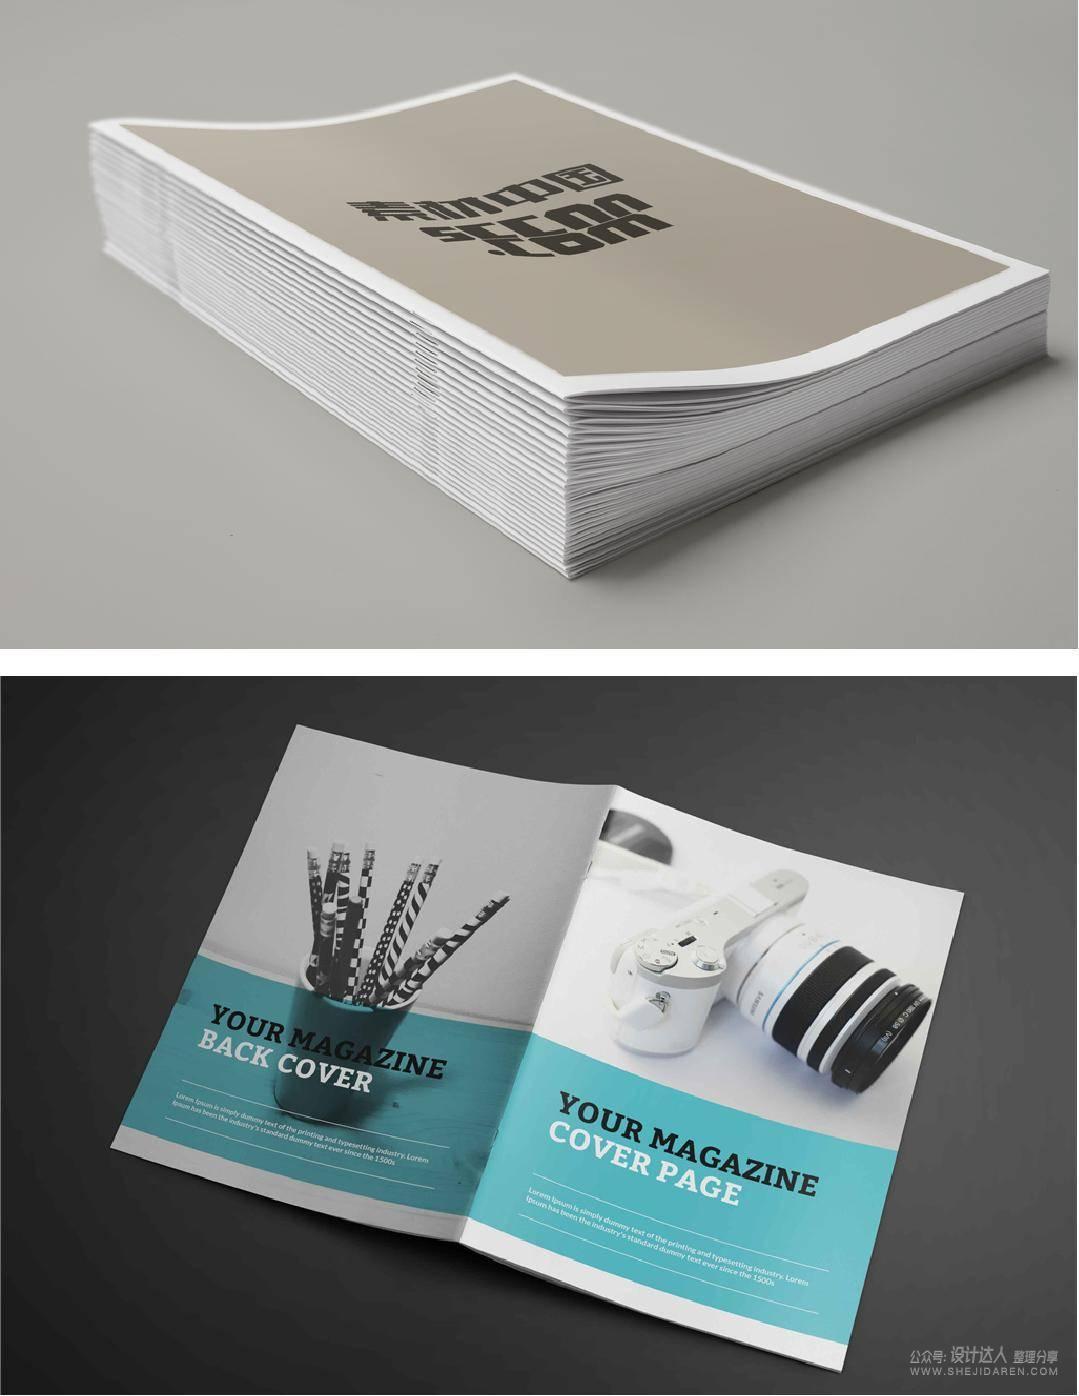 印刷上的总犯错误,印刷常识你了解多少!